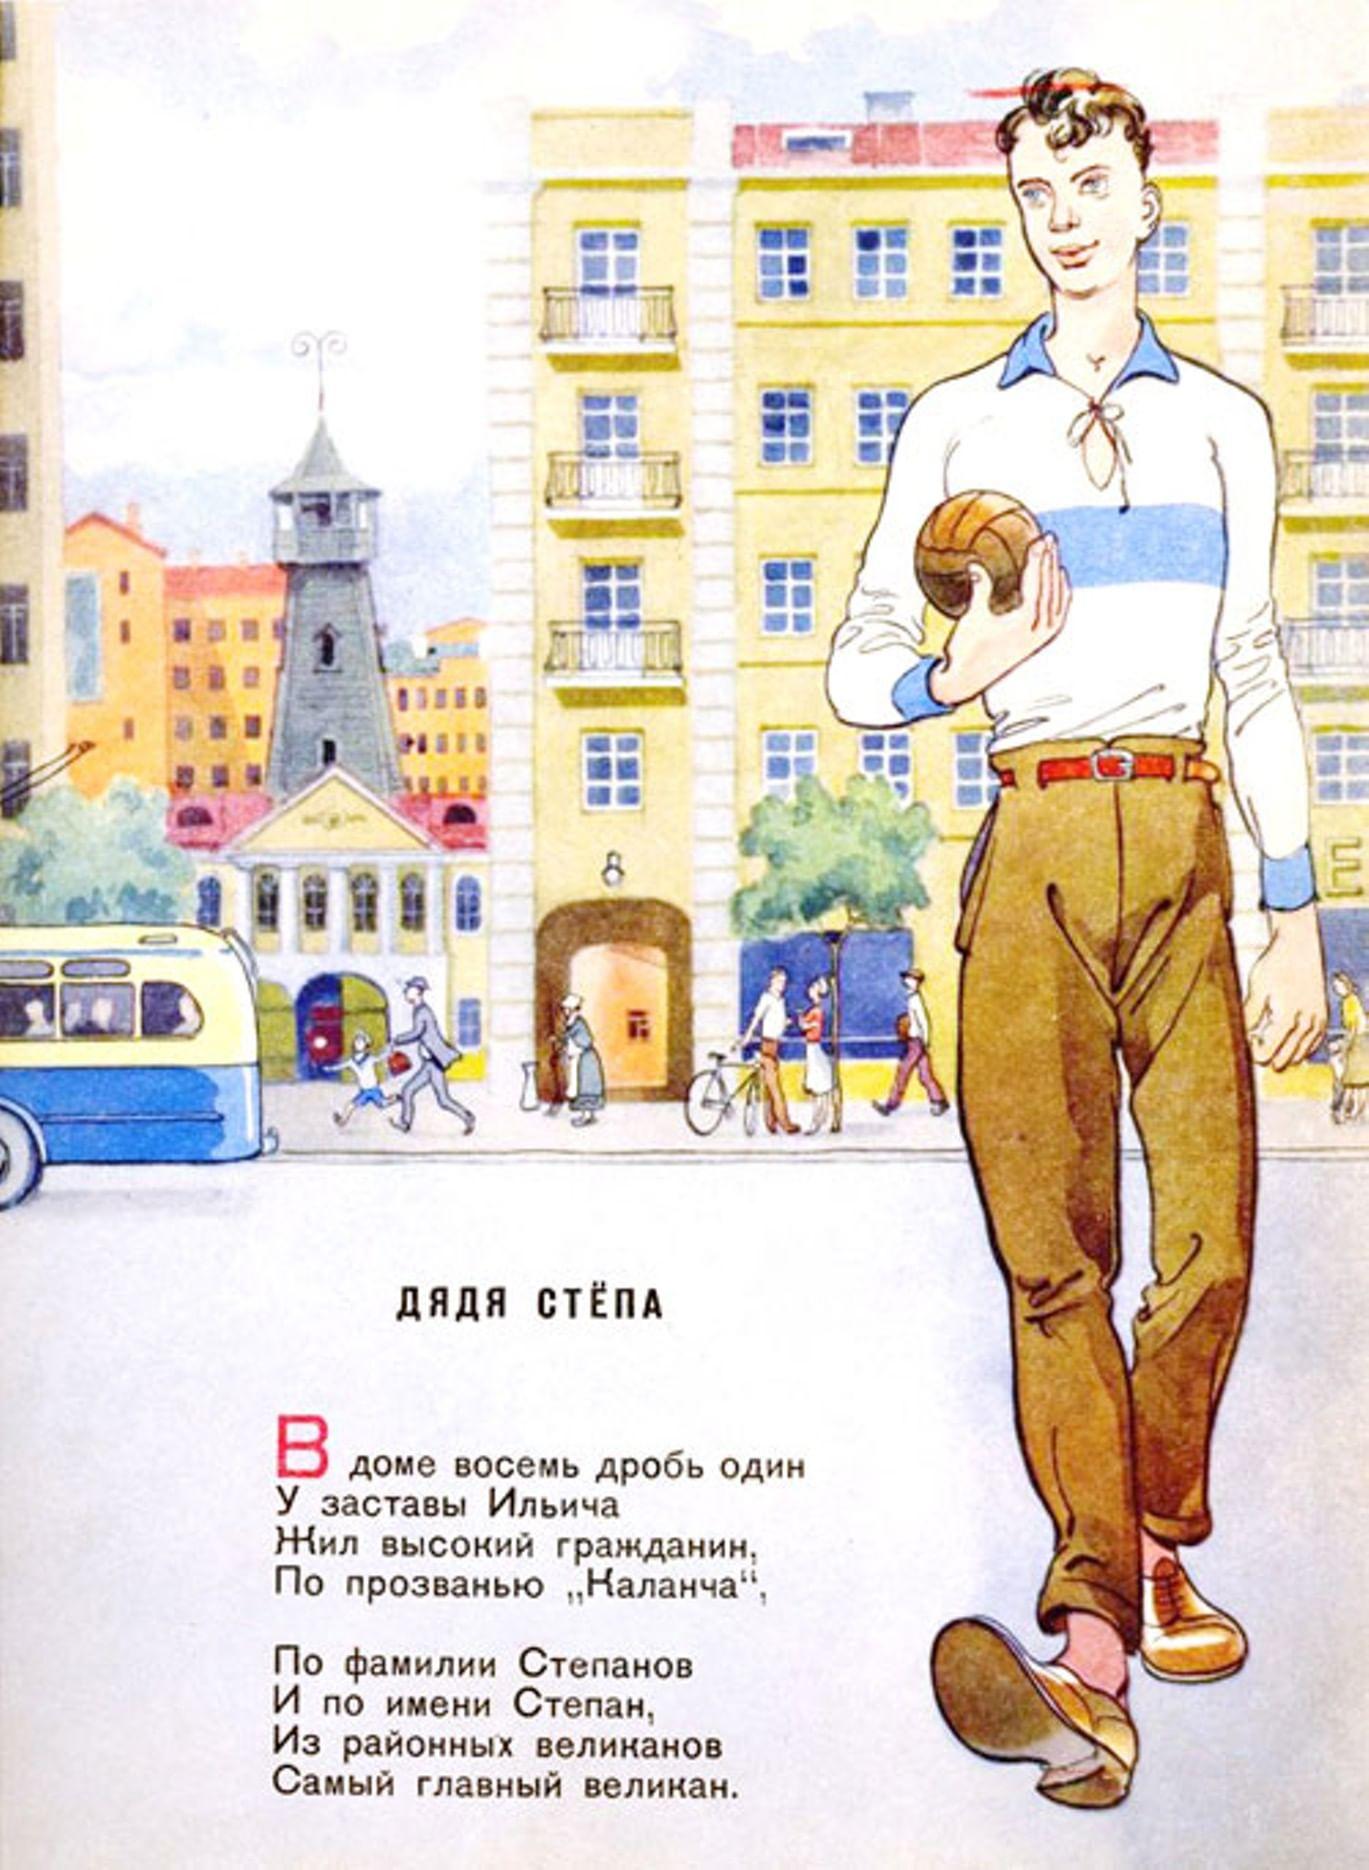 """""""Дядя Степа"""" - воплощения героя и интересные факты о любимом персонаже"""